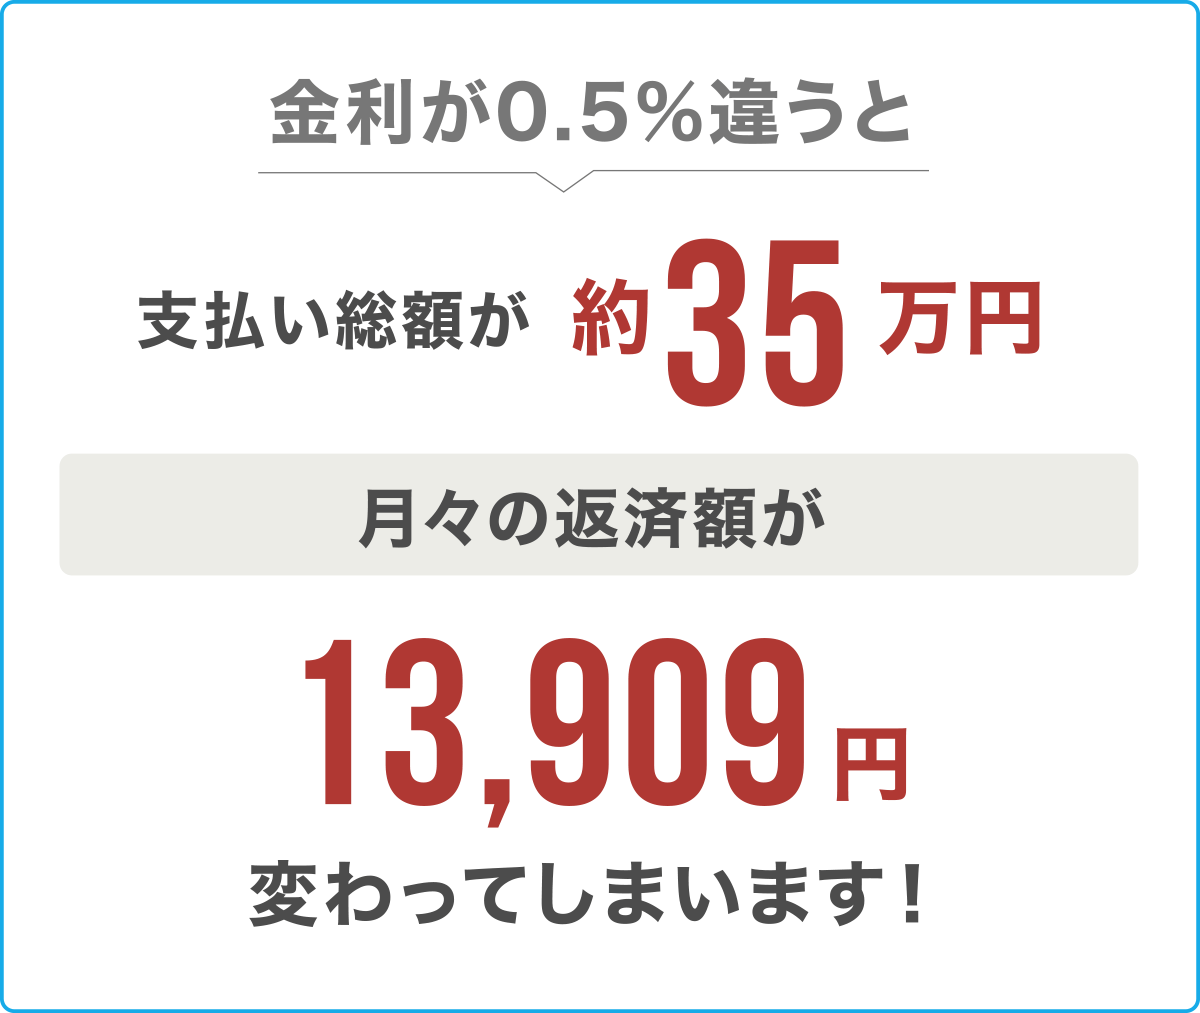 金利が0.5%違うと支払い総額が約35万円変わってしまいます